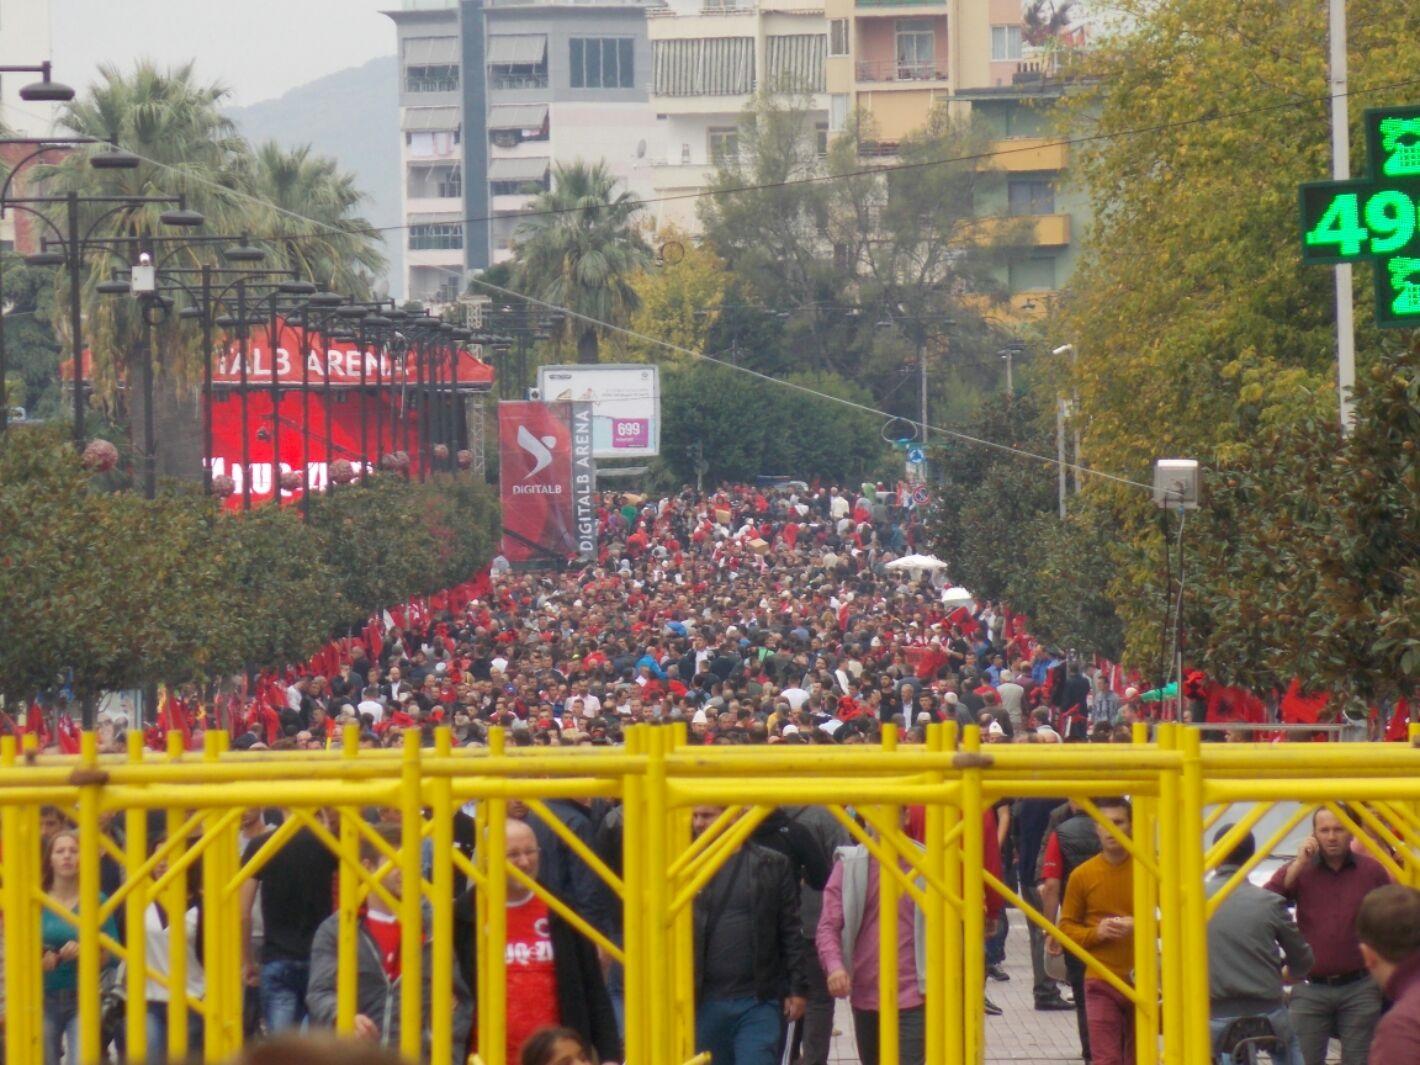 foto: mijera tifoze per ndeshjen Shqiperi-Serbi ne qytetin e Elbasanit